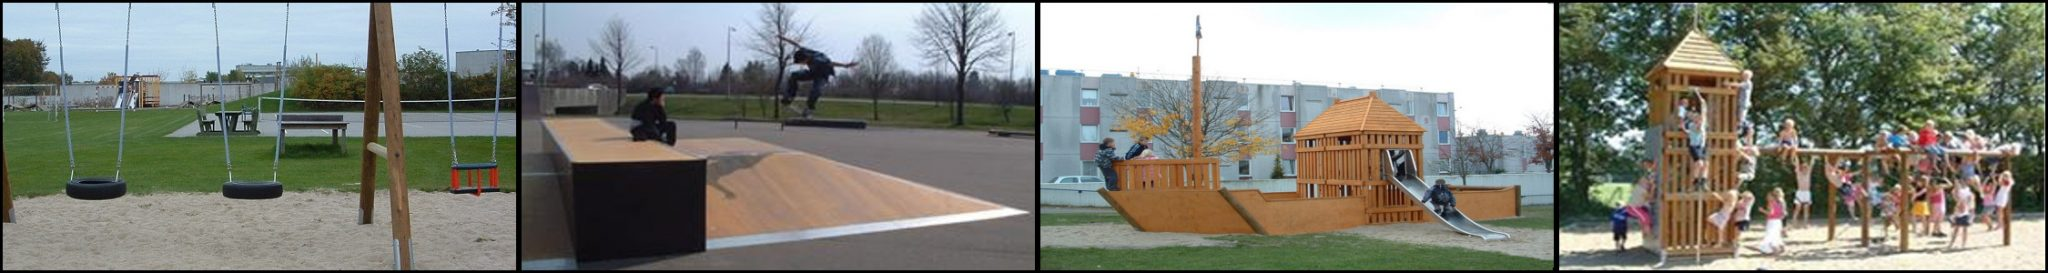 legepladser og skateboard